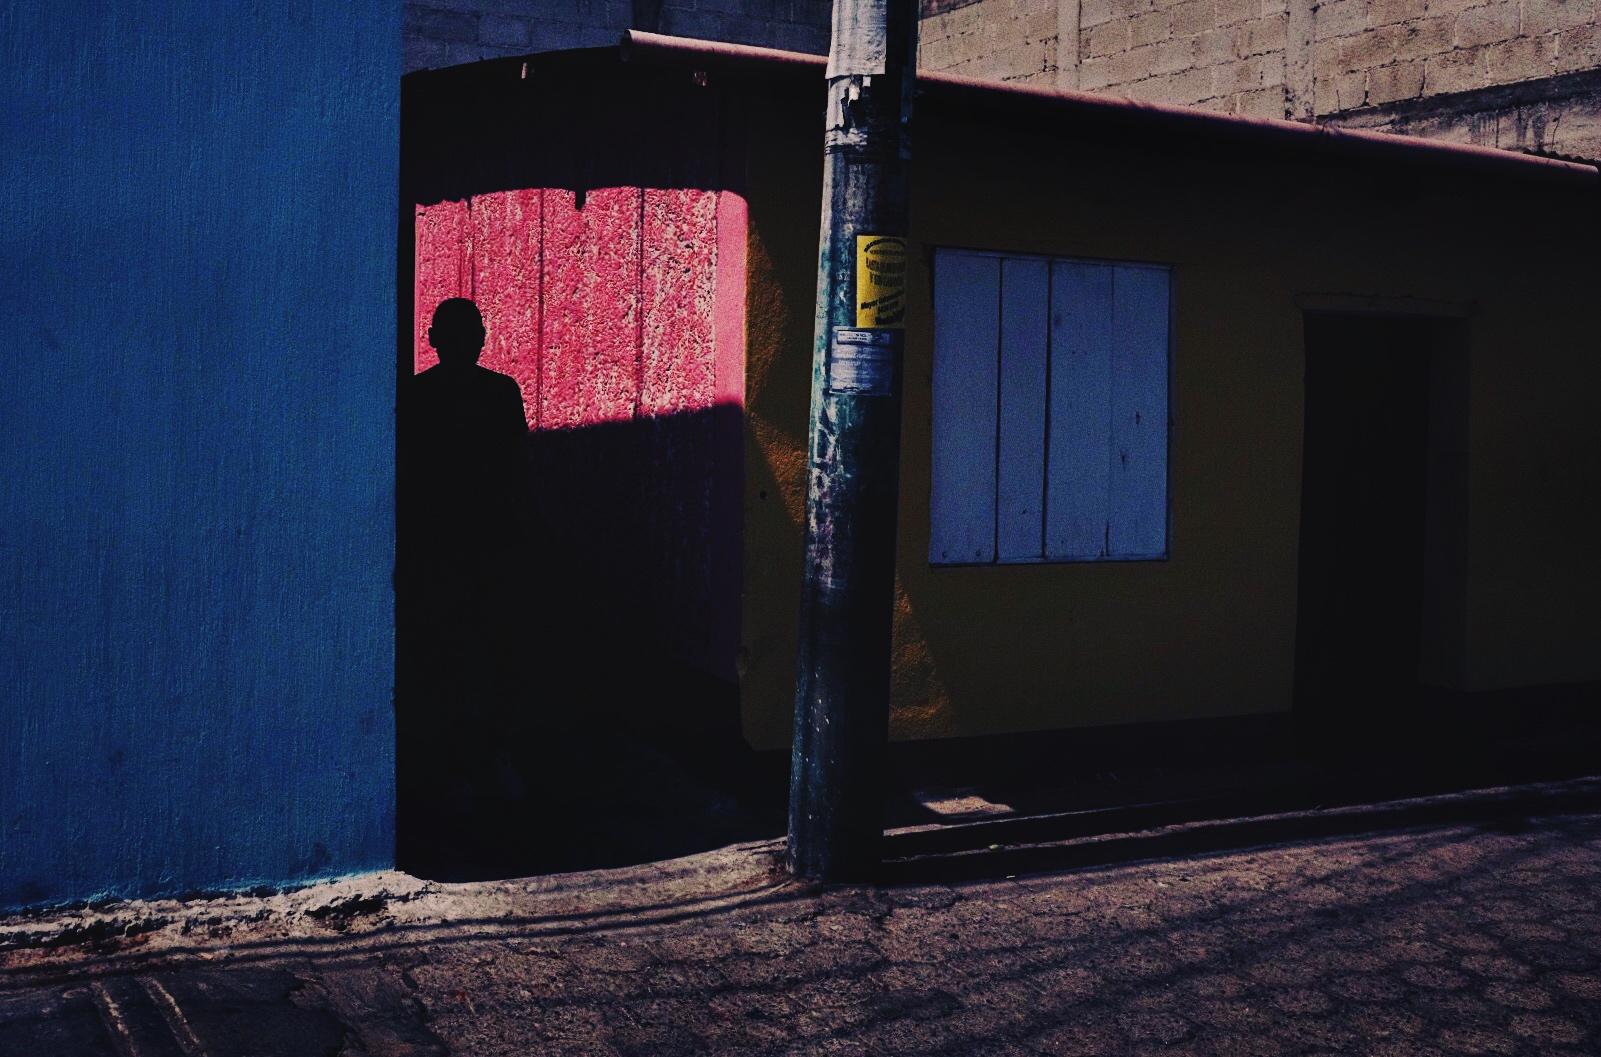 San Pedro, photo by Andrew Sullivan